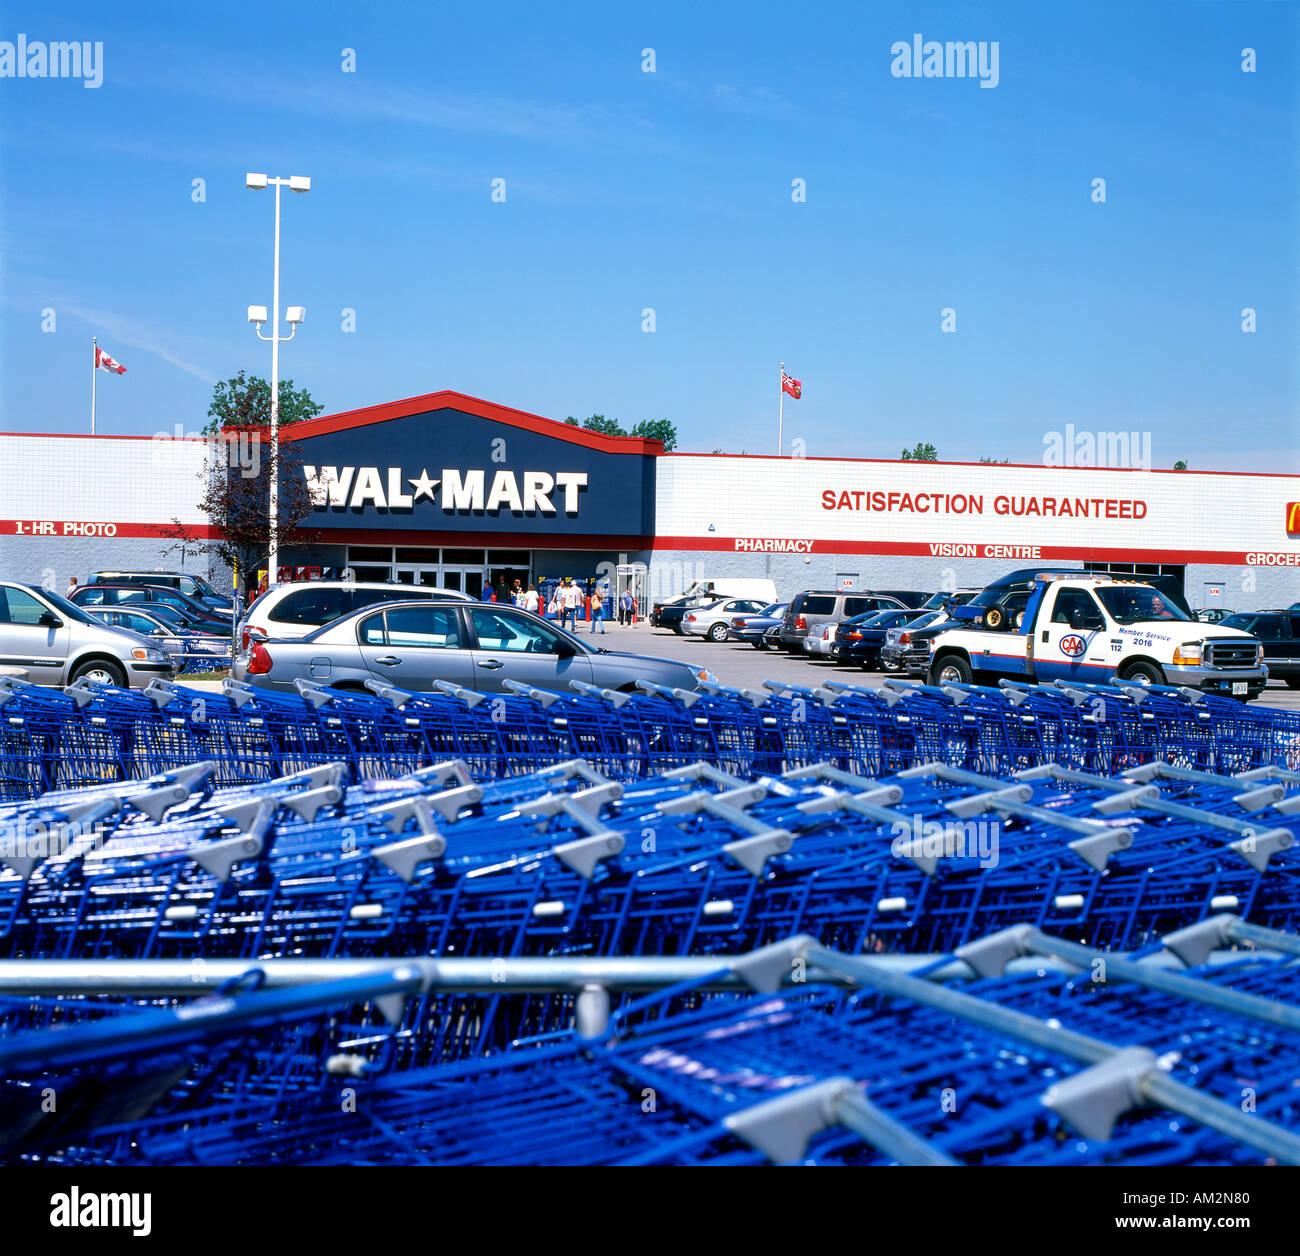 Wal Mart Cart Stock Photos & Wal Mart Cart Stock Images